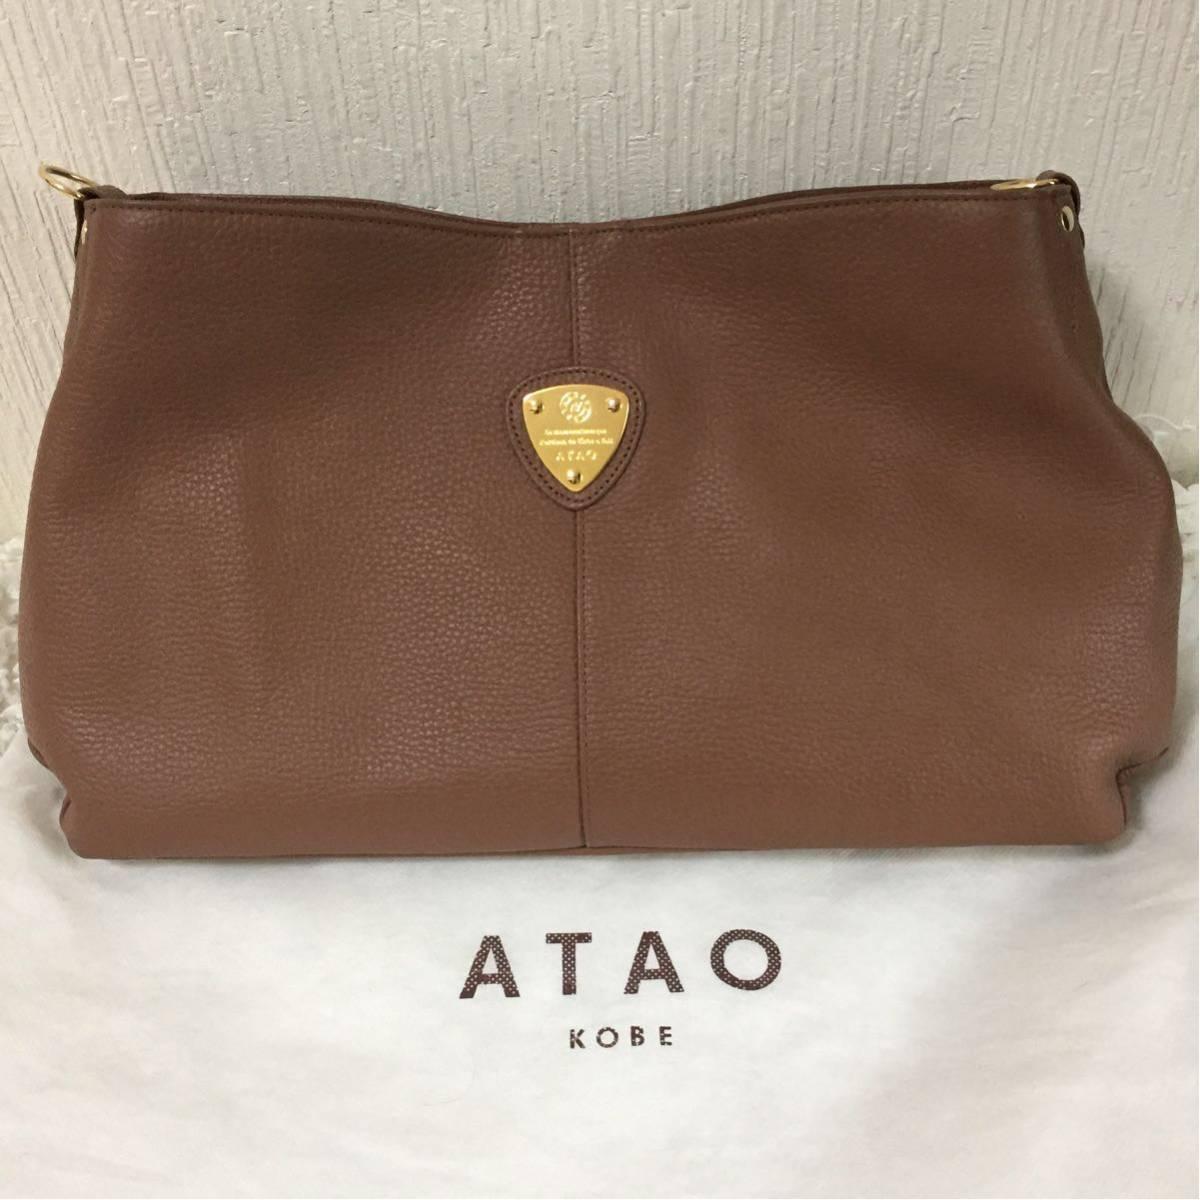 Ata☆未使用的Elvie包可可皮革atao和新的正常價格41040 jpy一樣好 編號:u203365757